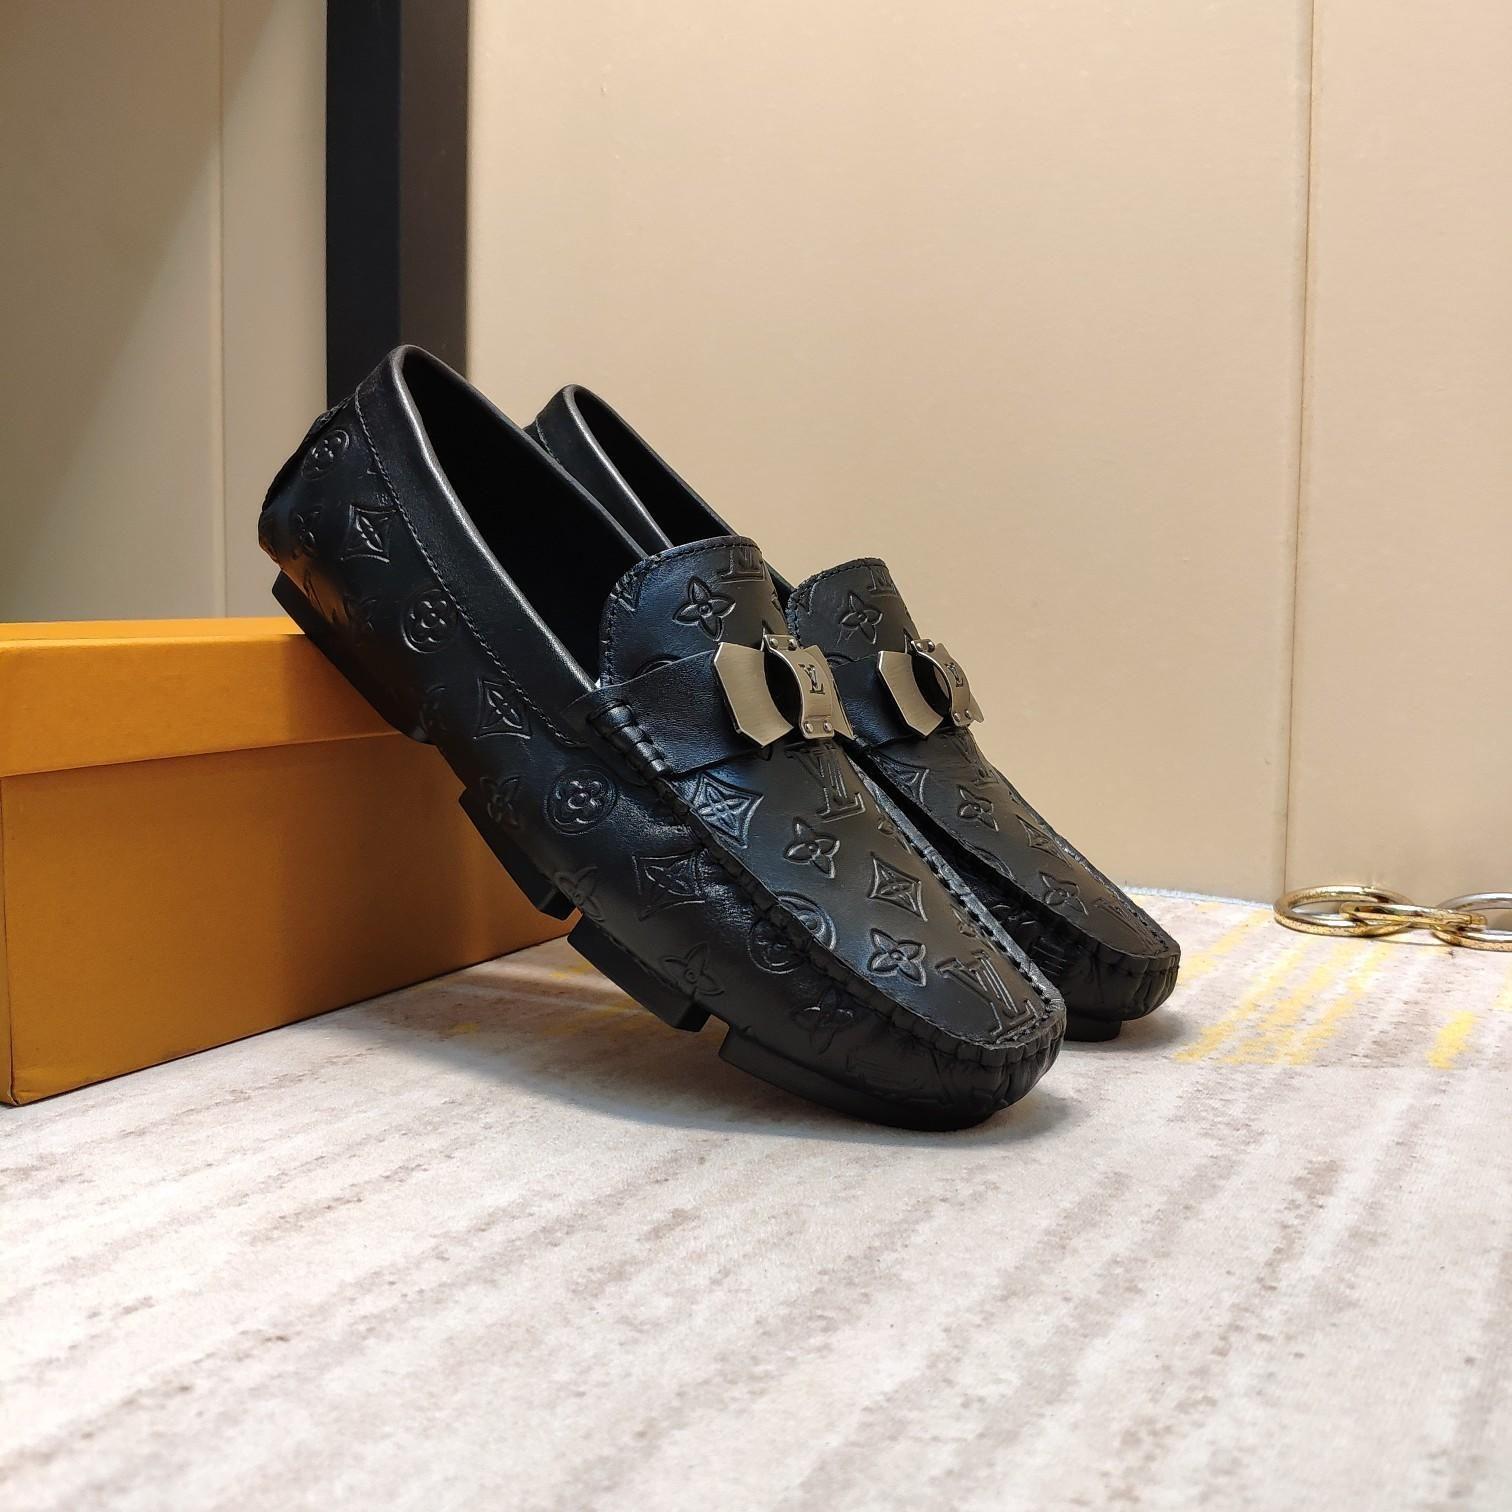 2021u Yaz Tide Marka Erkekler '; S Moda Casual Bezelye Ayakkabı, çok yönlü Rahat Spor Tembel Ayakkabı, Kutu 38 Orjinal Ayakkabı A Tam Set